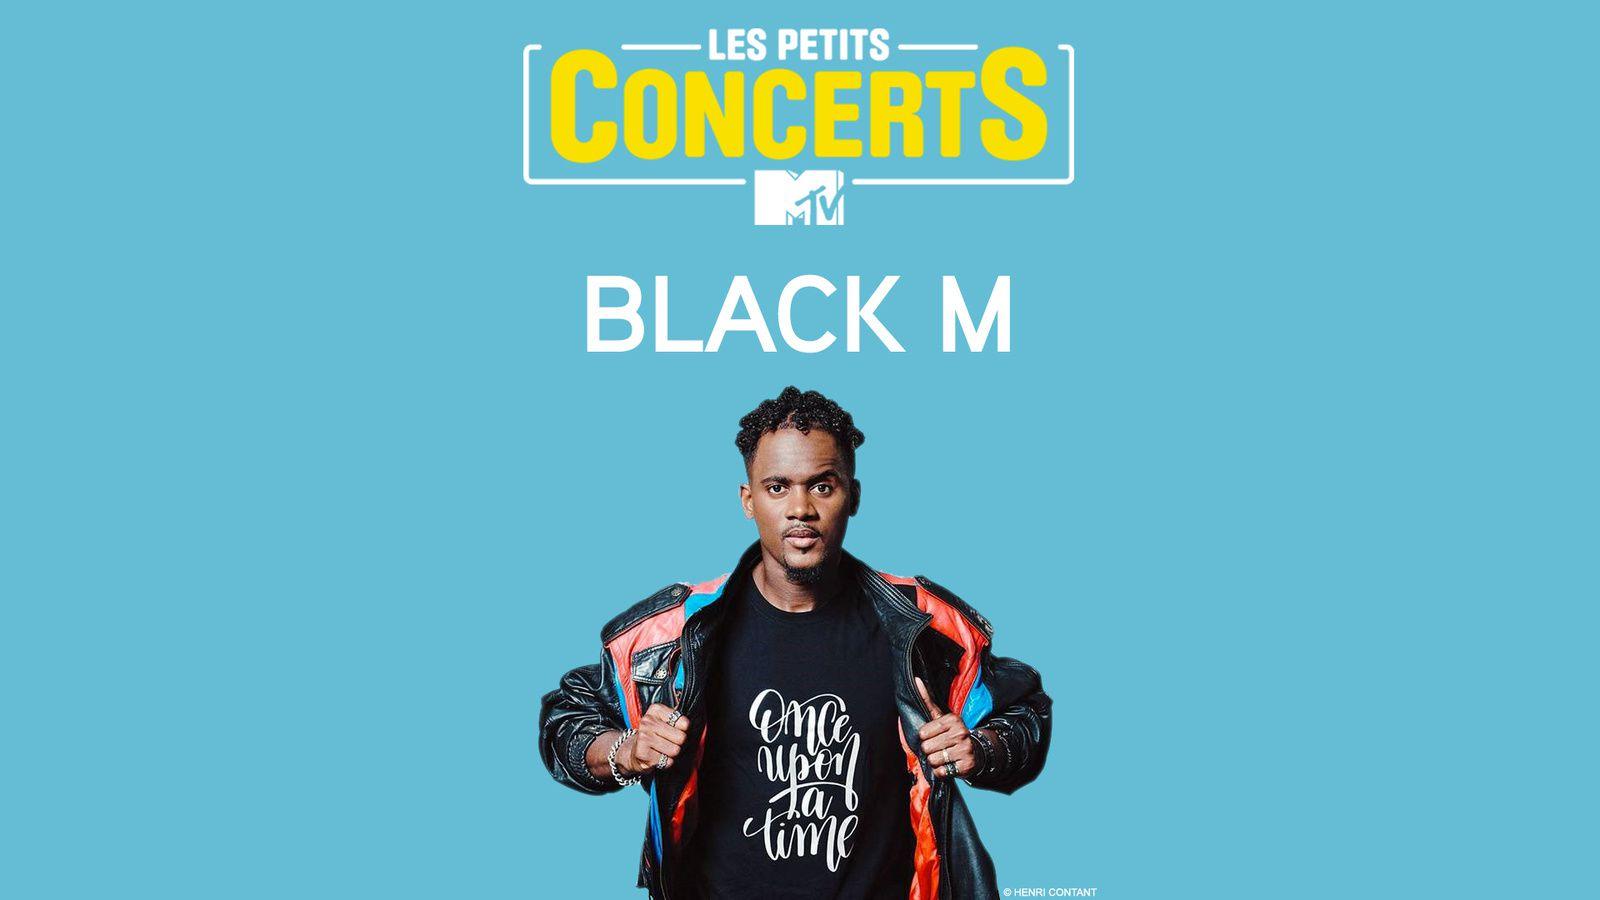 Concert inédit de Black M les 11 et 13 octobre sur MTV.